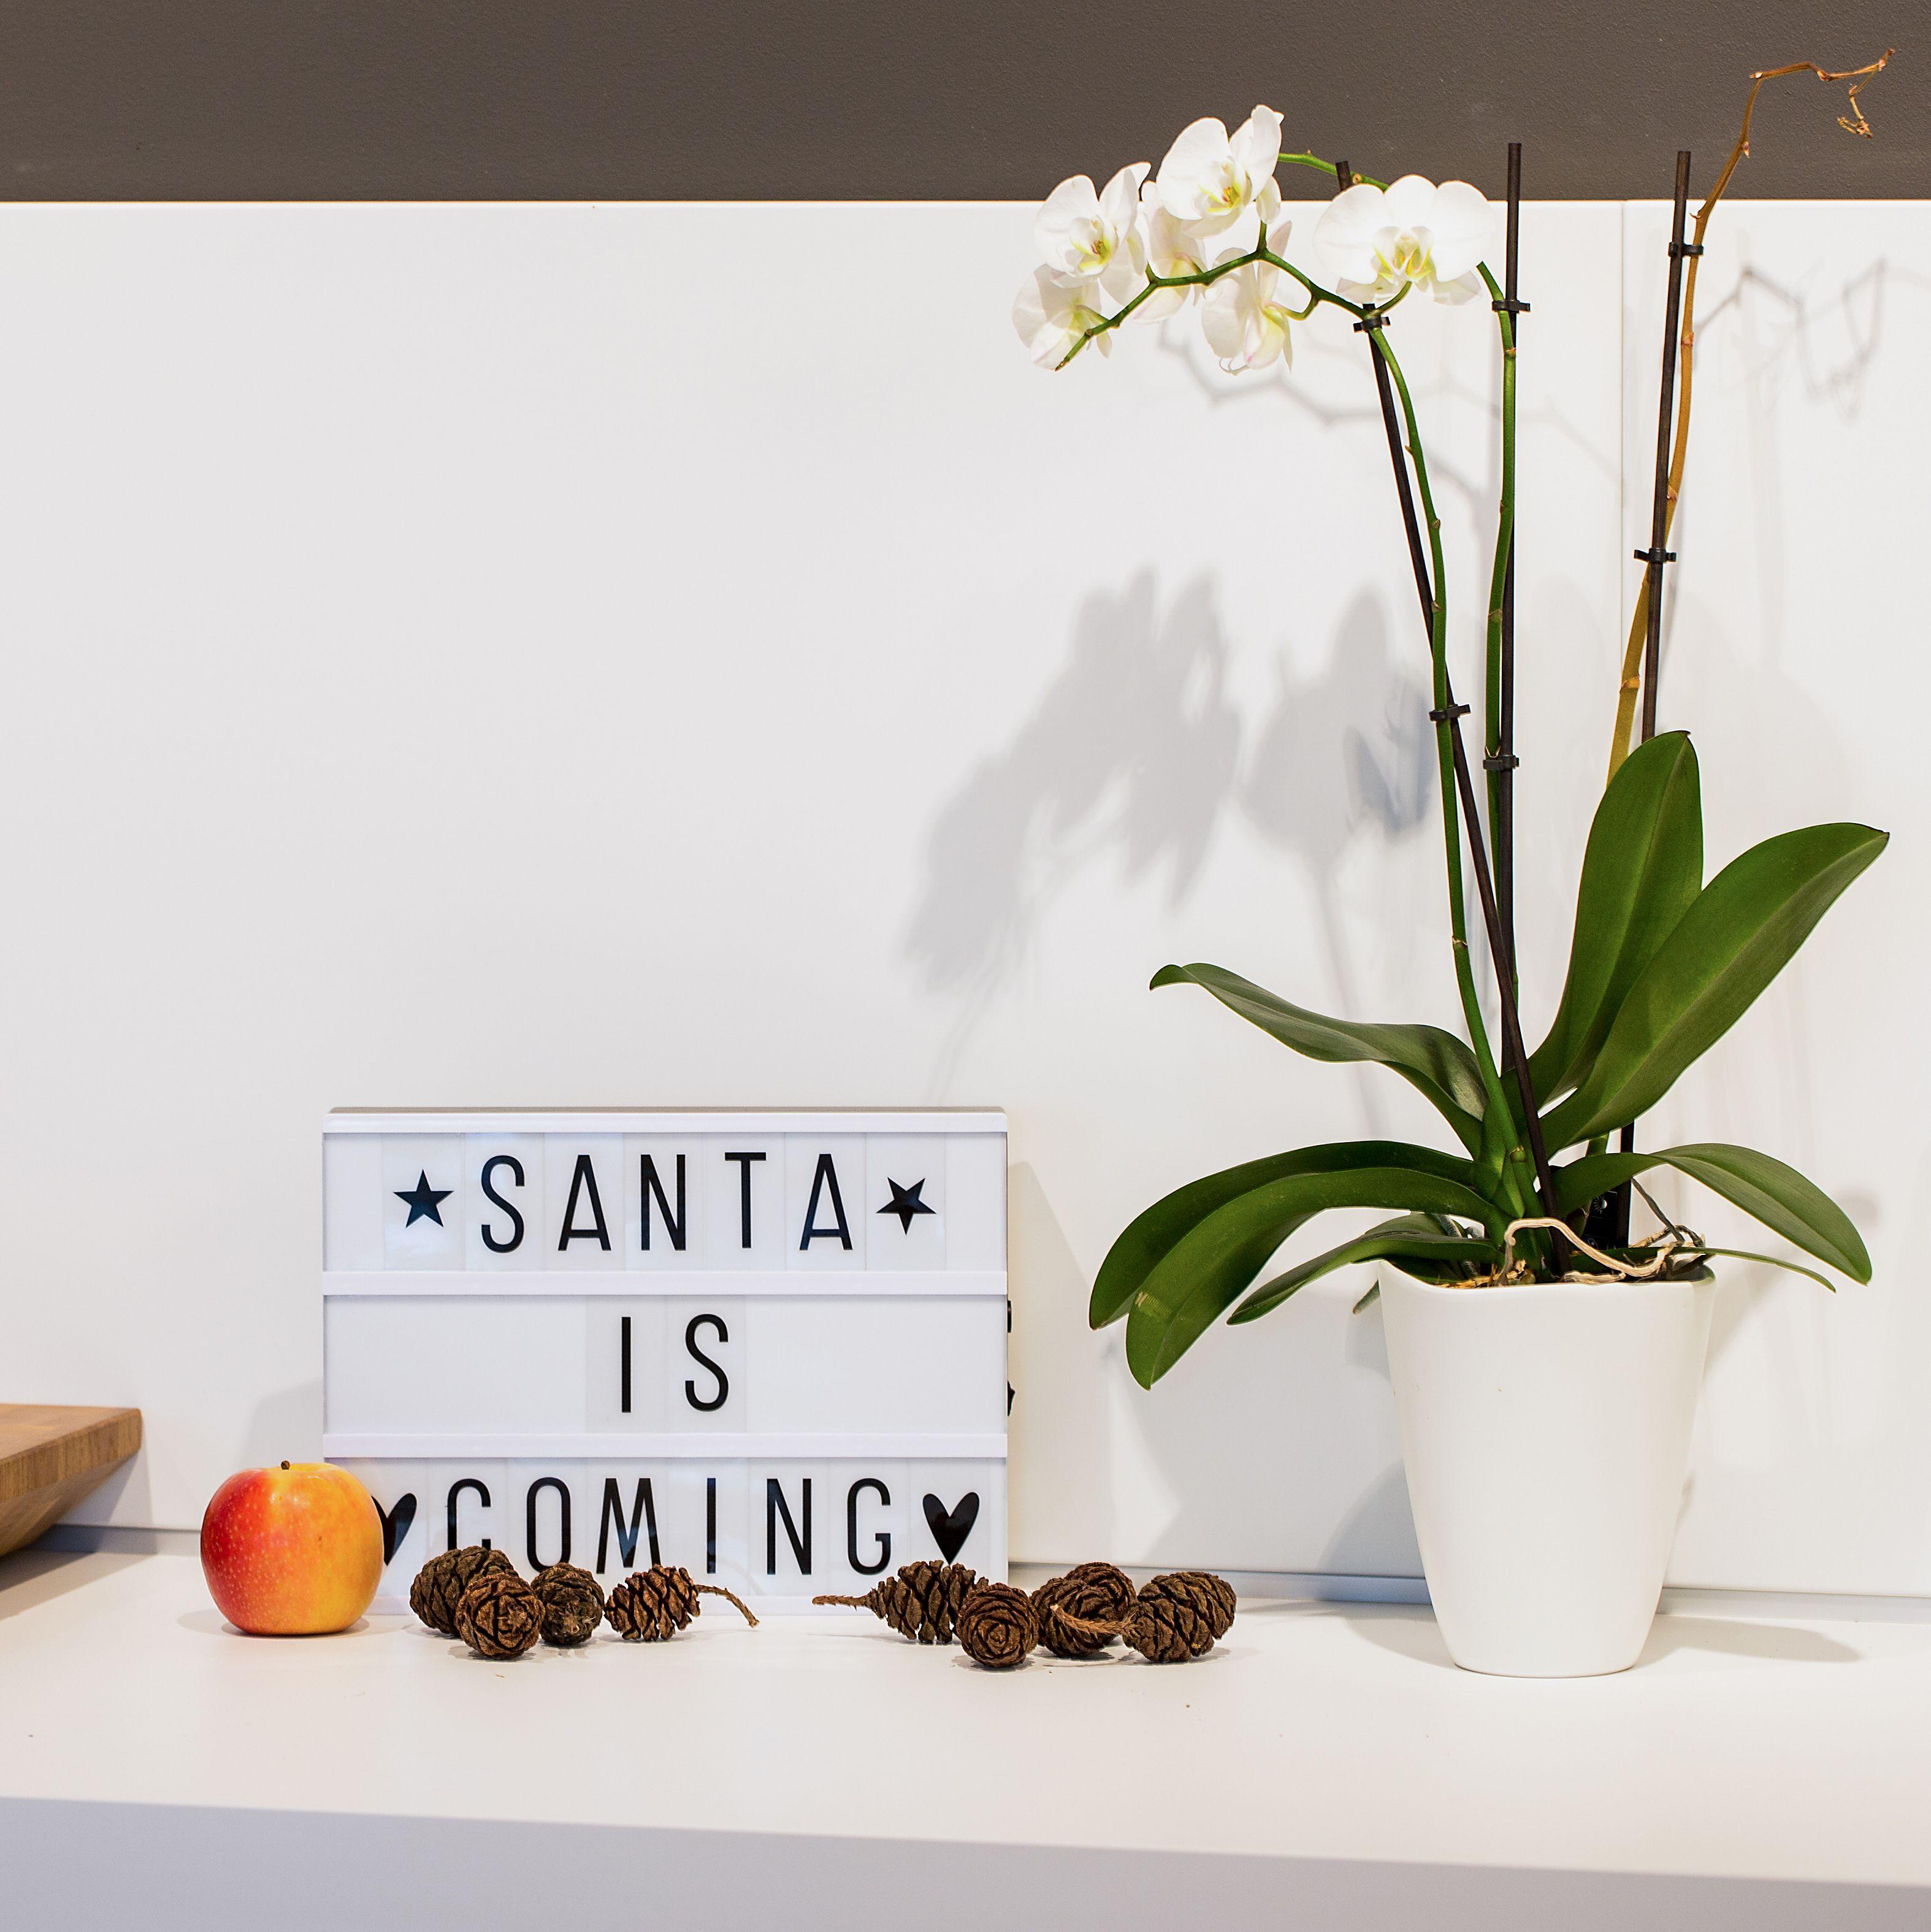 Bald Kommt Der Weihnachtsmann   Inspirierende Sprüche Für Die Weihnachtszeit.  Schmücke Deine Wohnung Mit Light